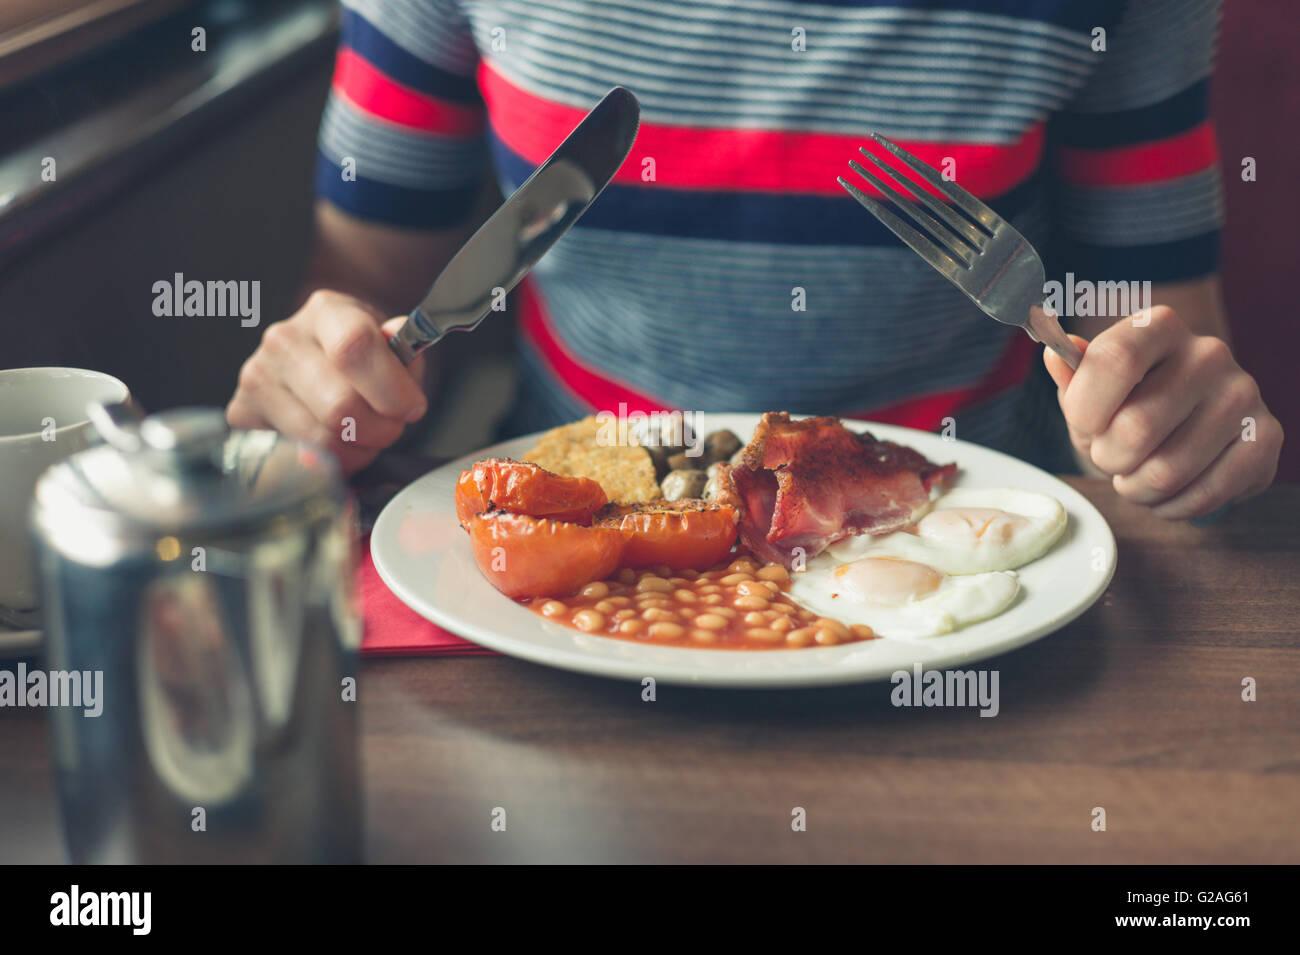 Una mujer joven está teniendo un tradicional desayuno inglés en un comedor Foto de stock